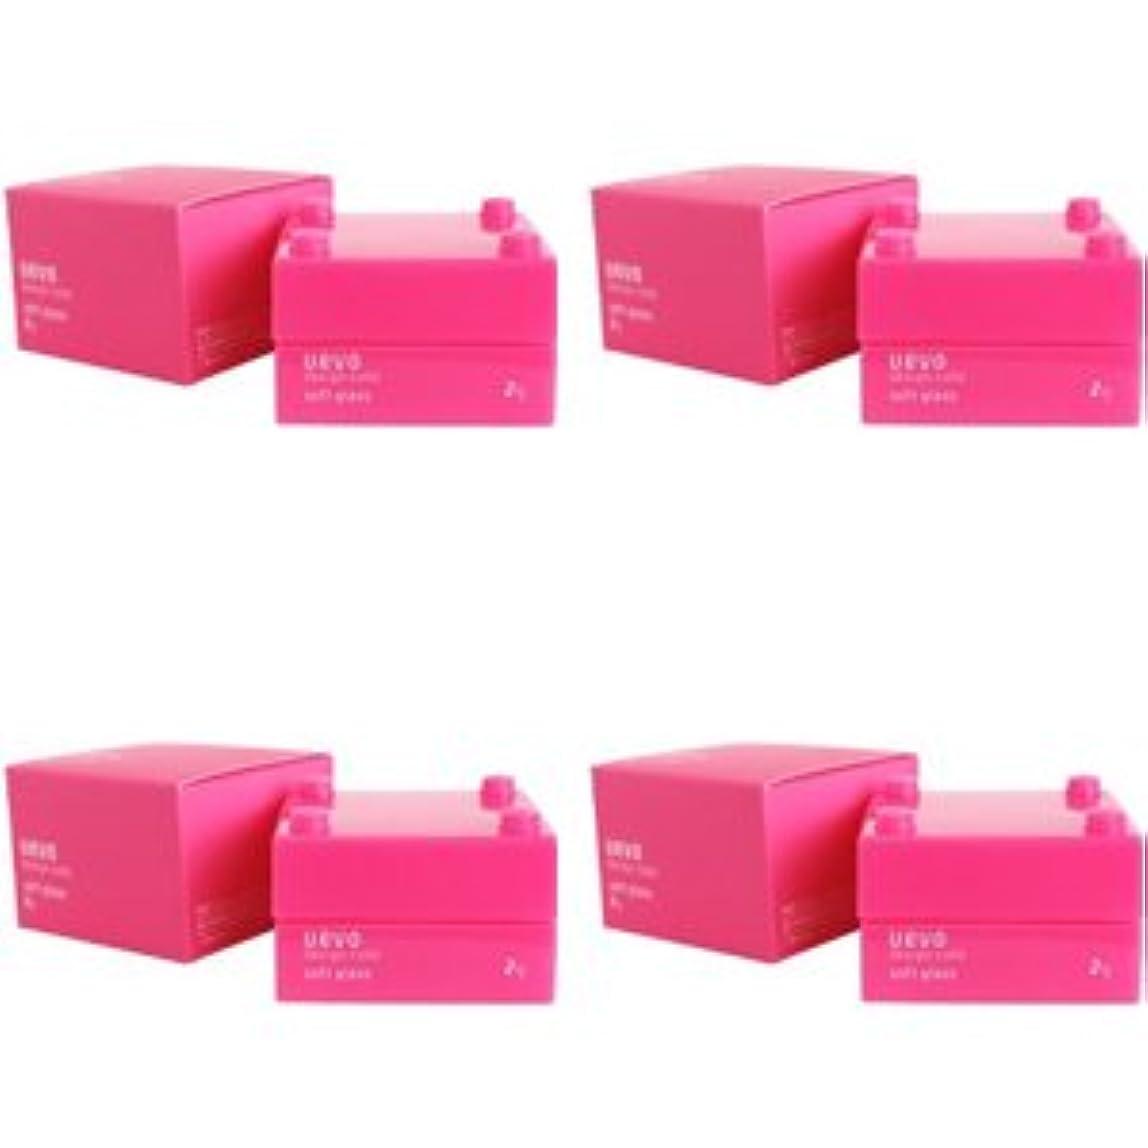 創造給料暗唱する【X4個セット】 デミ ウェーボ デザインキューブ ソフトグロス 30g soft gloss DEMI uevo design cube